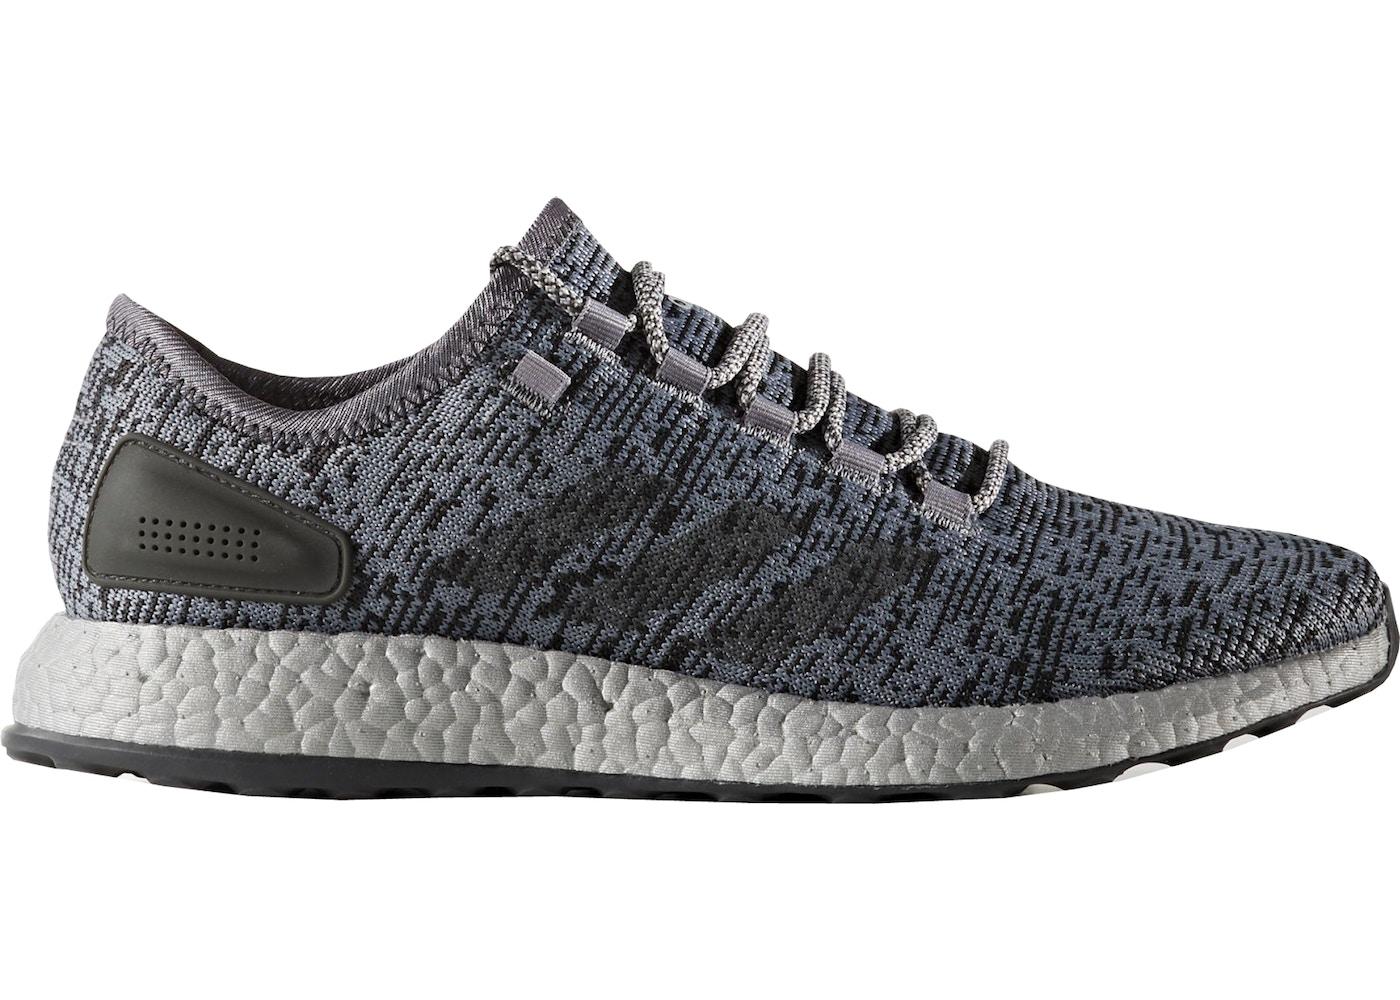 Adidas Iniki Runner Boost - Fake vs Original